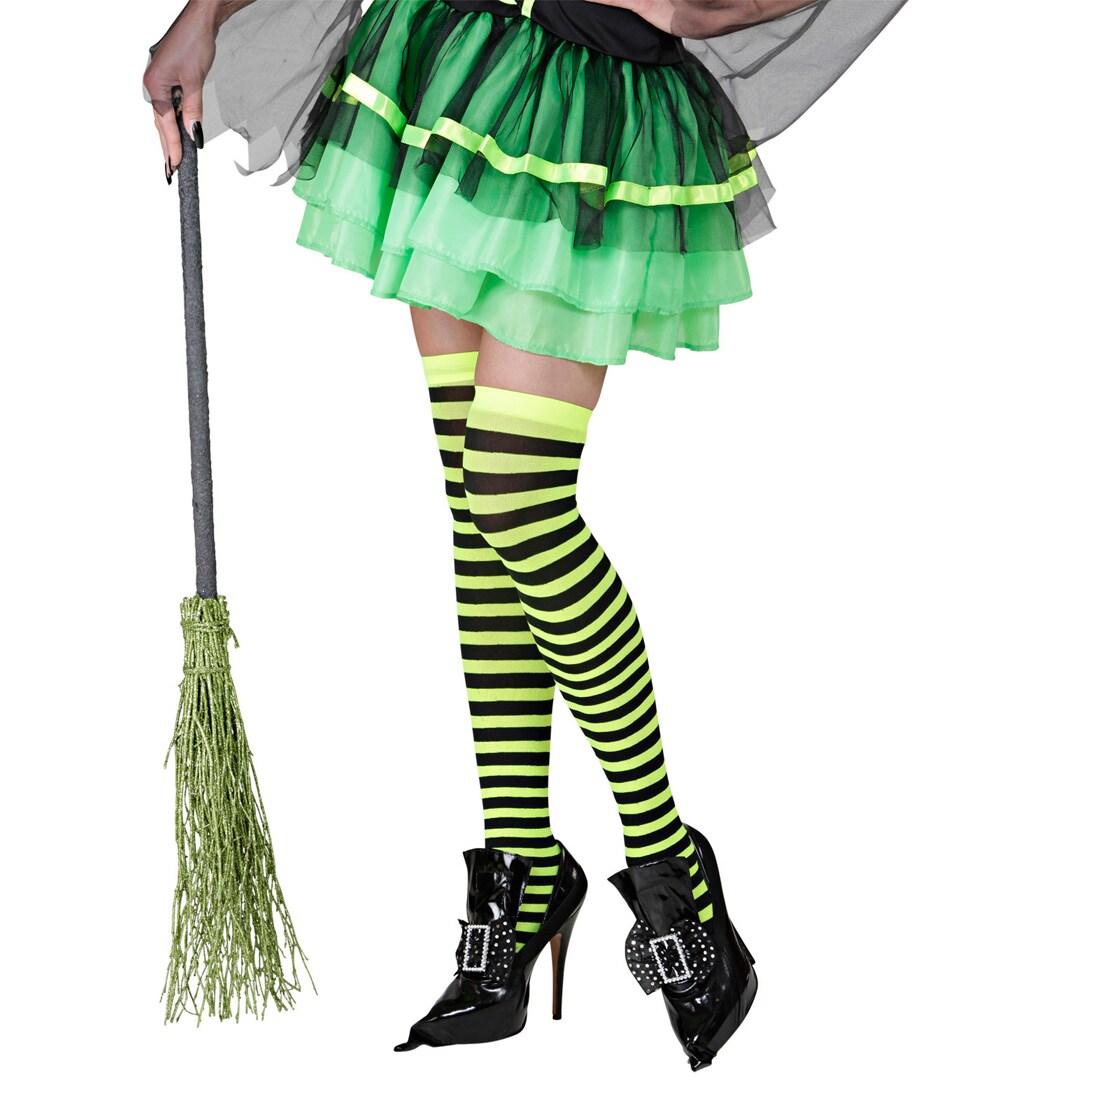 Gothic Schuhüberzieher Hexen Gamaschen Zauberin Schnallenschuhe Halloween Magier